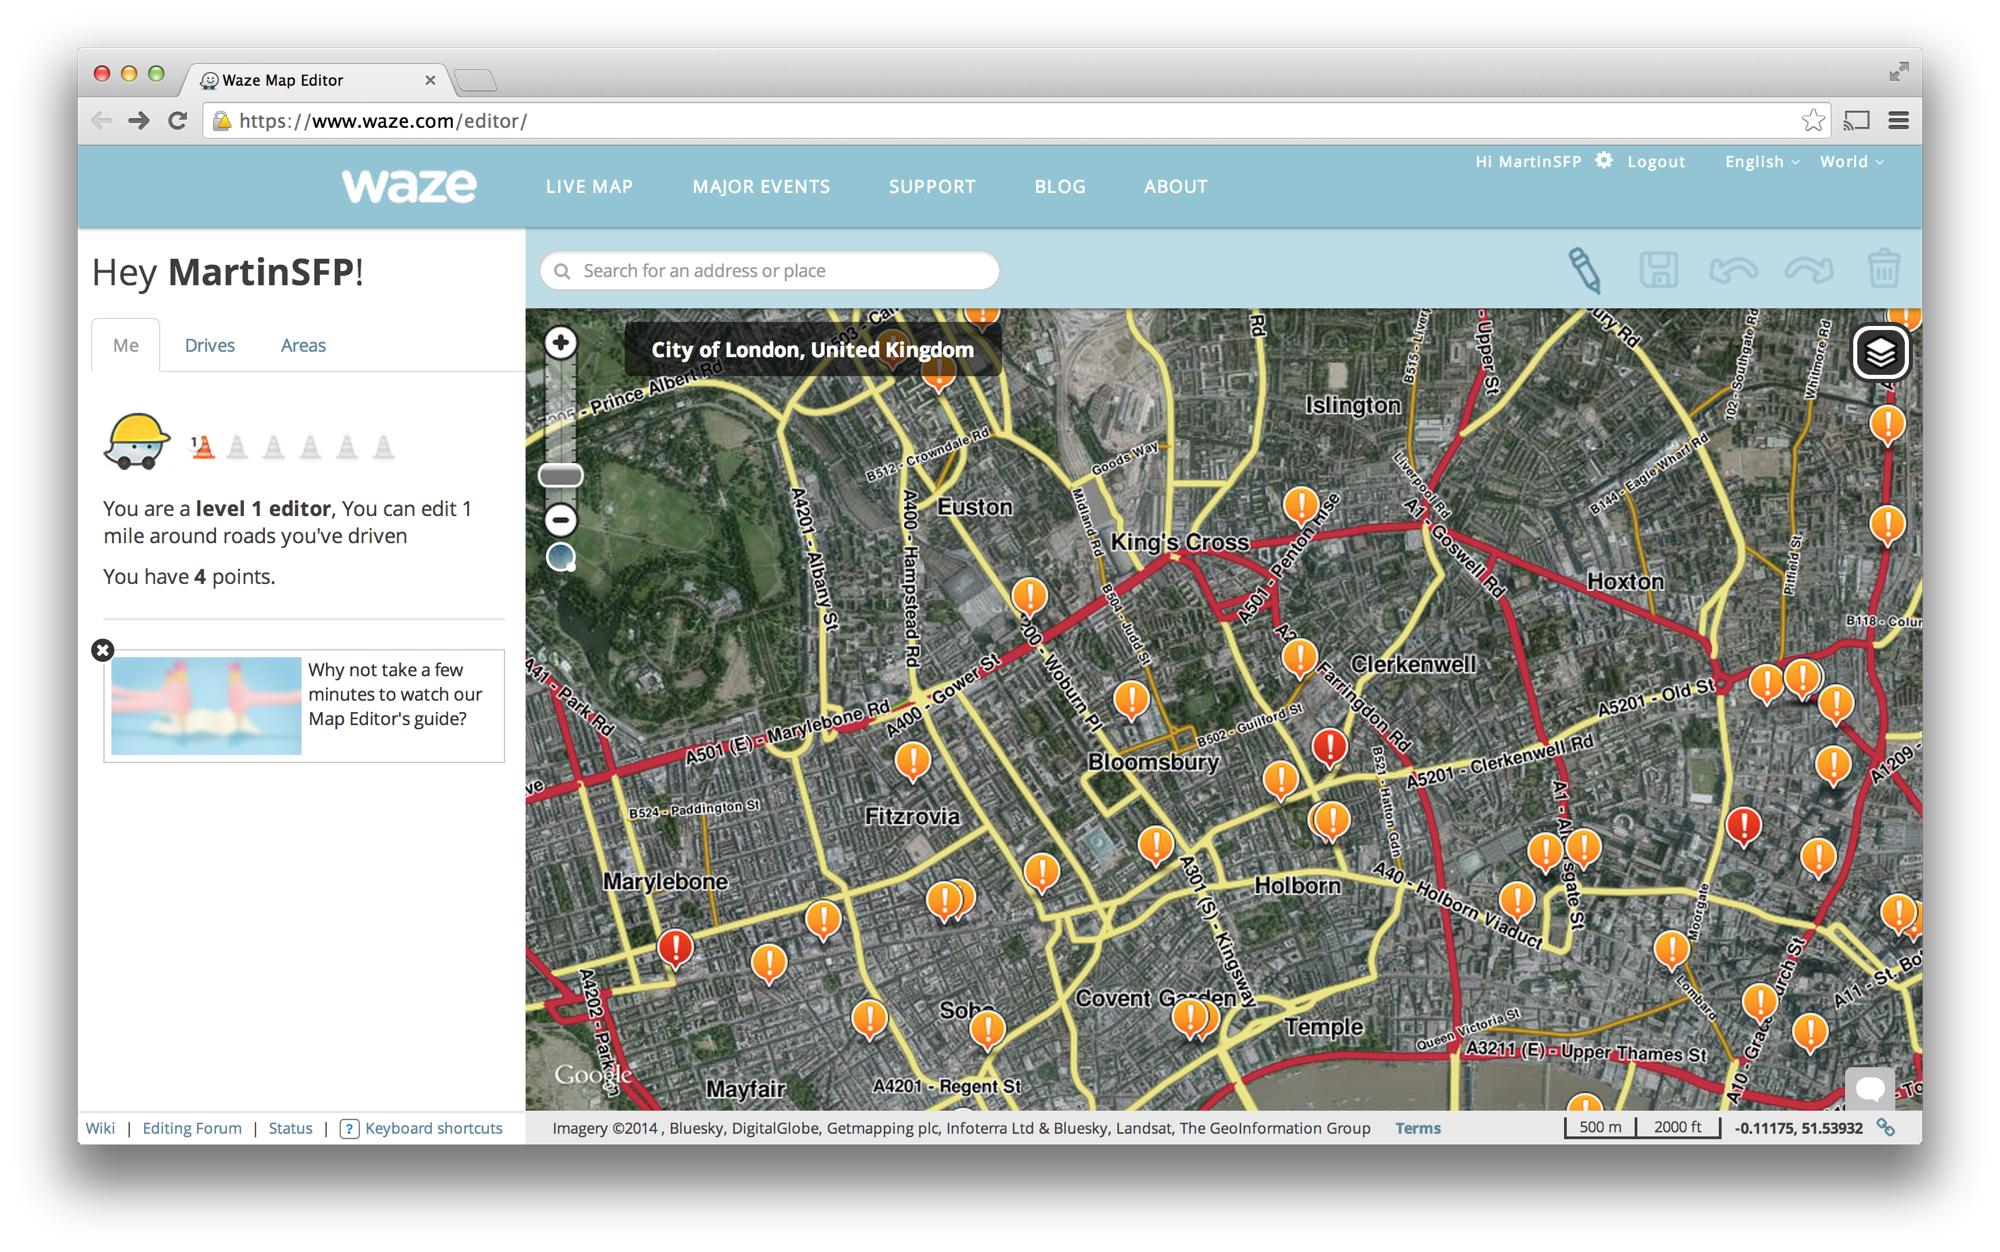 Waze Map Editor Waze Map Editor   CYNDIIMENNA Waze Map Editor